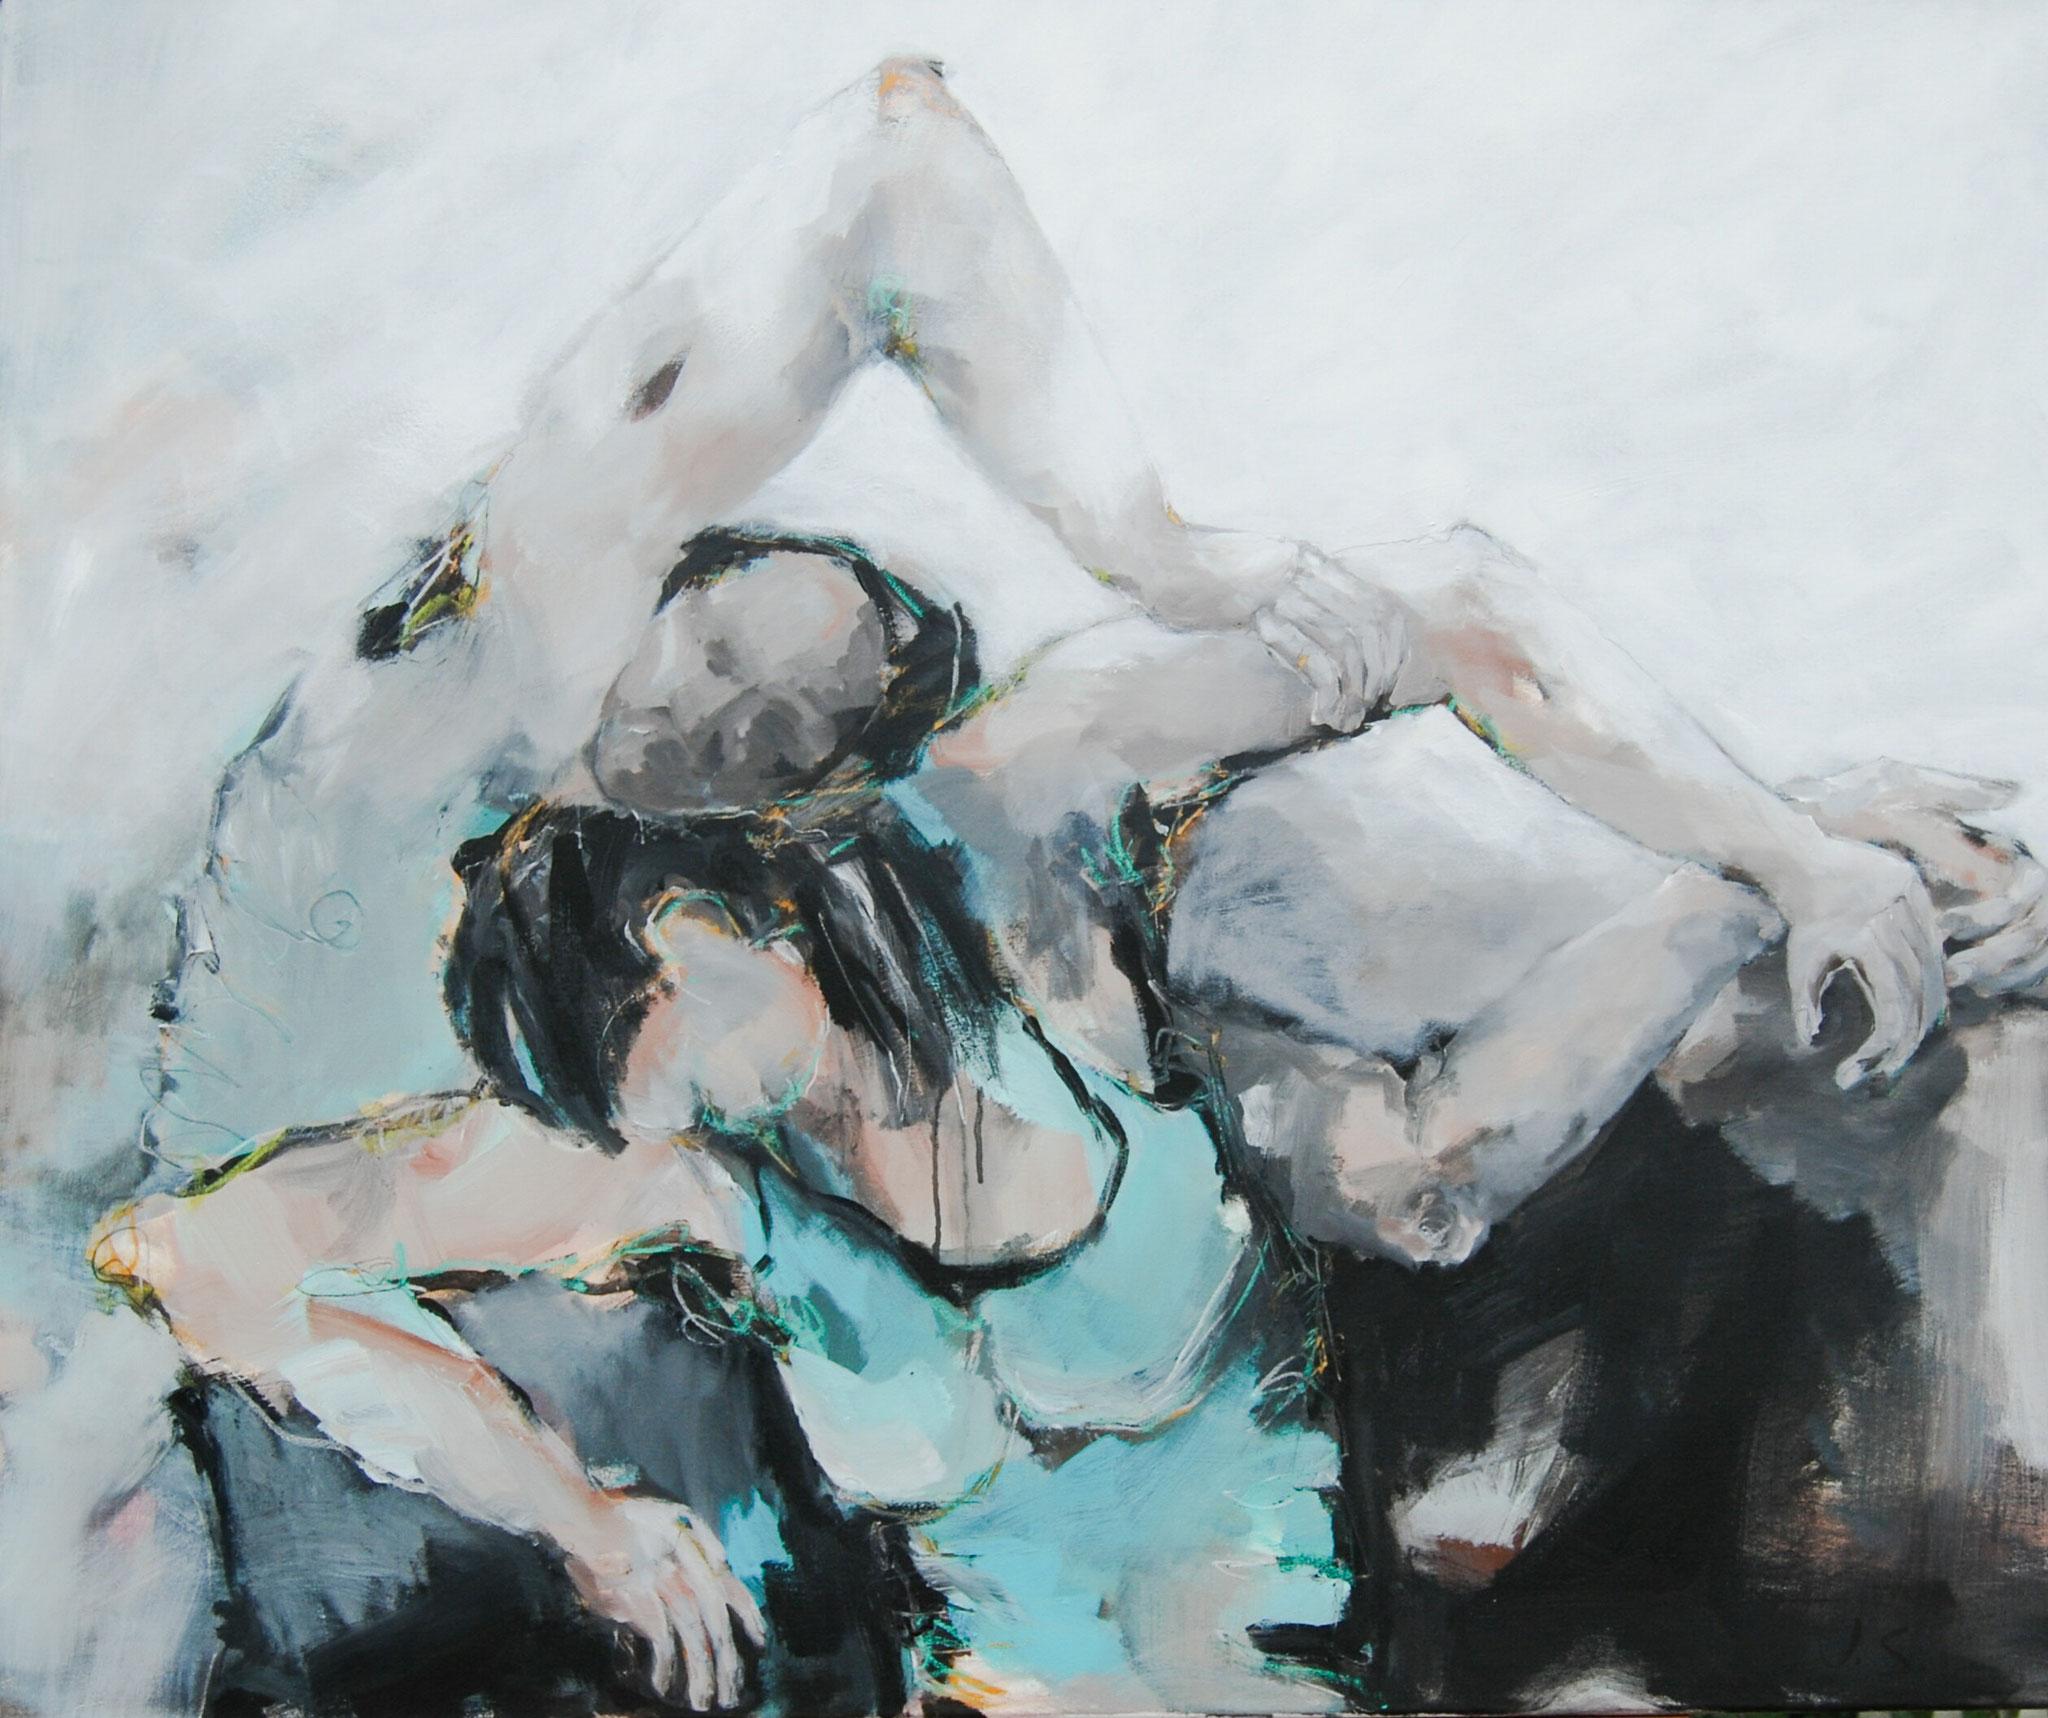 Dancing Queens IV, 2013, Acryl auf Leinwand, 100 x 120 cm